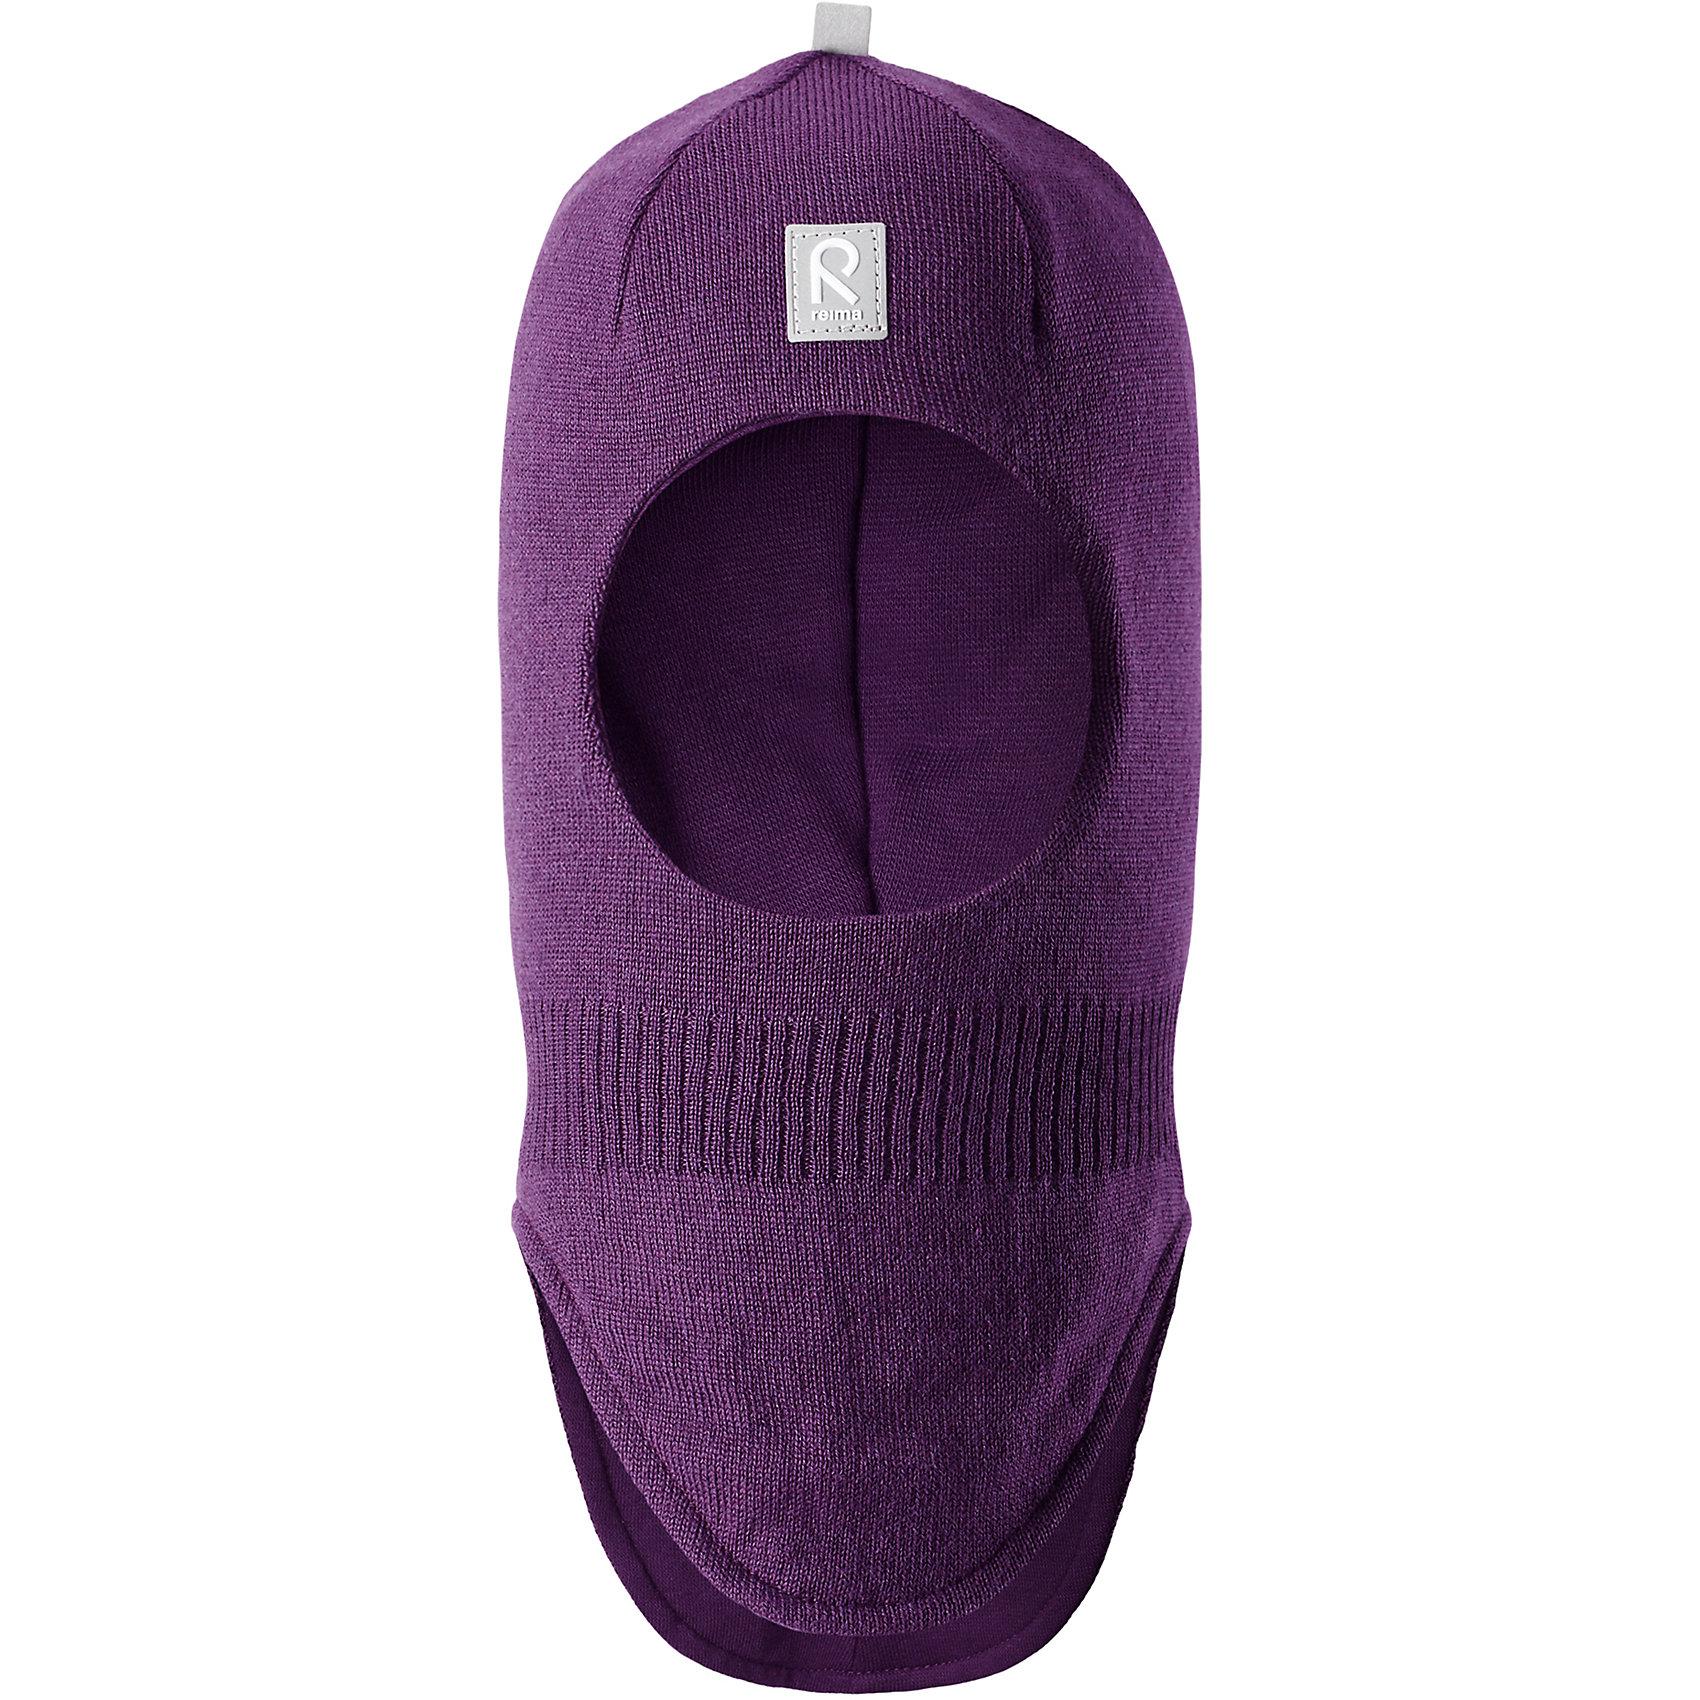 Шапка-шлем Reima StarrieГоловные уборы<br>Характеристики товара:<br><br>• цвет: фиолетовый;<br>• состав: 100% шерсть;<br>• подкладка: 97% хлопок, 3% эластан<br>• температурный режим: от 0 до -20С;<br>• сезон: зима; <br>• особенности модели: вязаная, на подкладке;<br>• мягкая ткань из мериносовой шерсти для поддержания идеальной температуры тела;<br>• сплошная подкладка: хлопковый трикотаж с эластаном;<br>• ветронепроницаемые вставки в области ушей;<br>• светоотражающая эмблема;<br>• логотип Reima спереди;<br>• страна бренда: Финляндия;<br>• страна изготовитель: Китай.<br><br>Вязаная шапка-шлем из коллекции Reima® Originals защищает голову малыша в холодную пору. Эта шапка-шлем для малышей и детей постарше связана из теплой шерсти и подшита мягкой на ощупь подкладкой из смеси хлопка и эластана, которая удобно облегает голову.<br><br>Ветронепроницаемые вставки в области ушей, вшитые между подкладкой и верхним слоем, защищают ушки от холодного ветра. Эта классическая модель хорошо закрывает лоб, щечки и шею. <br><br>Шапка-шлем Reima Starrie от финского бренда Reima (Рейма) можно купить в нашем интернет-магазине.<br><br>Ширина мм: 89<br>Глубина мм: 117<br>Высота мм: 44<br>Вес г: 155<br>Цвет: лиловый<br>Возраст от месяцев: 9<br>Возраст до месяцев: 12<br>Пол: Унисекс<br>Возраст: Детский<br>Размер: 46,54,48,50,52<br>SKU: 6906982